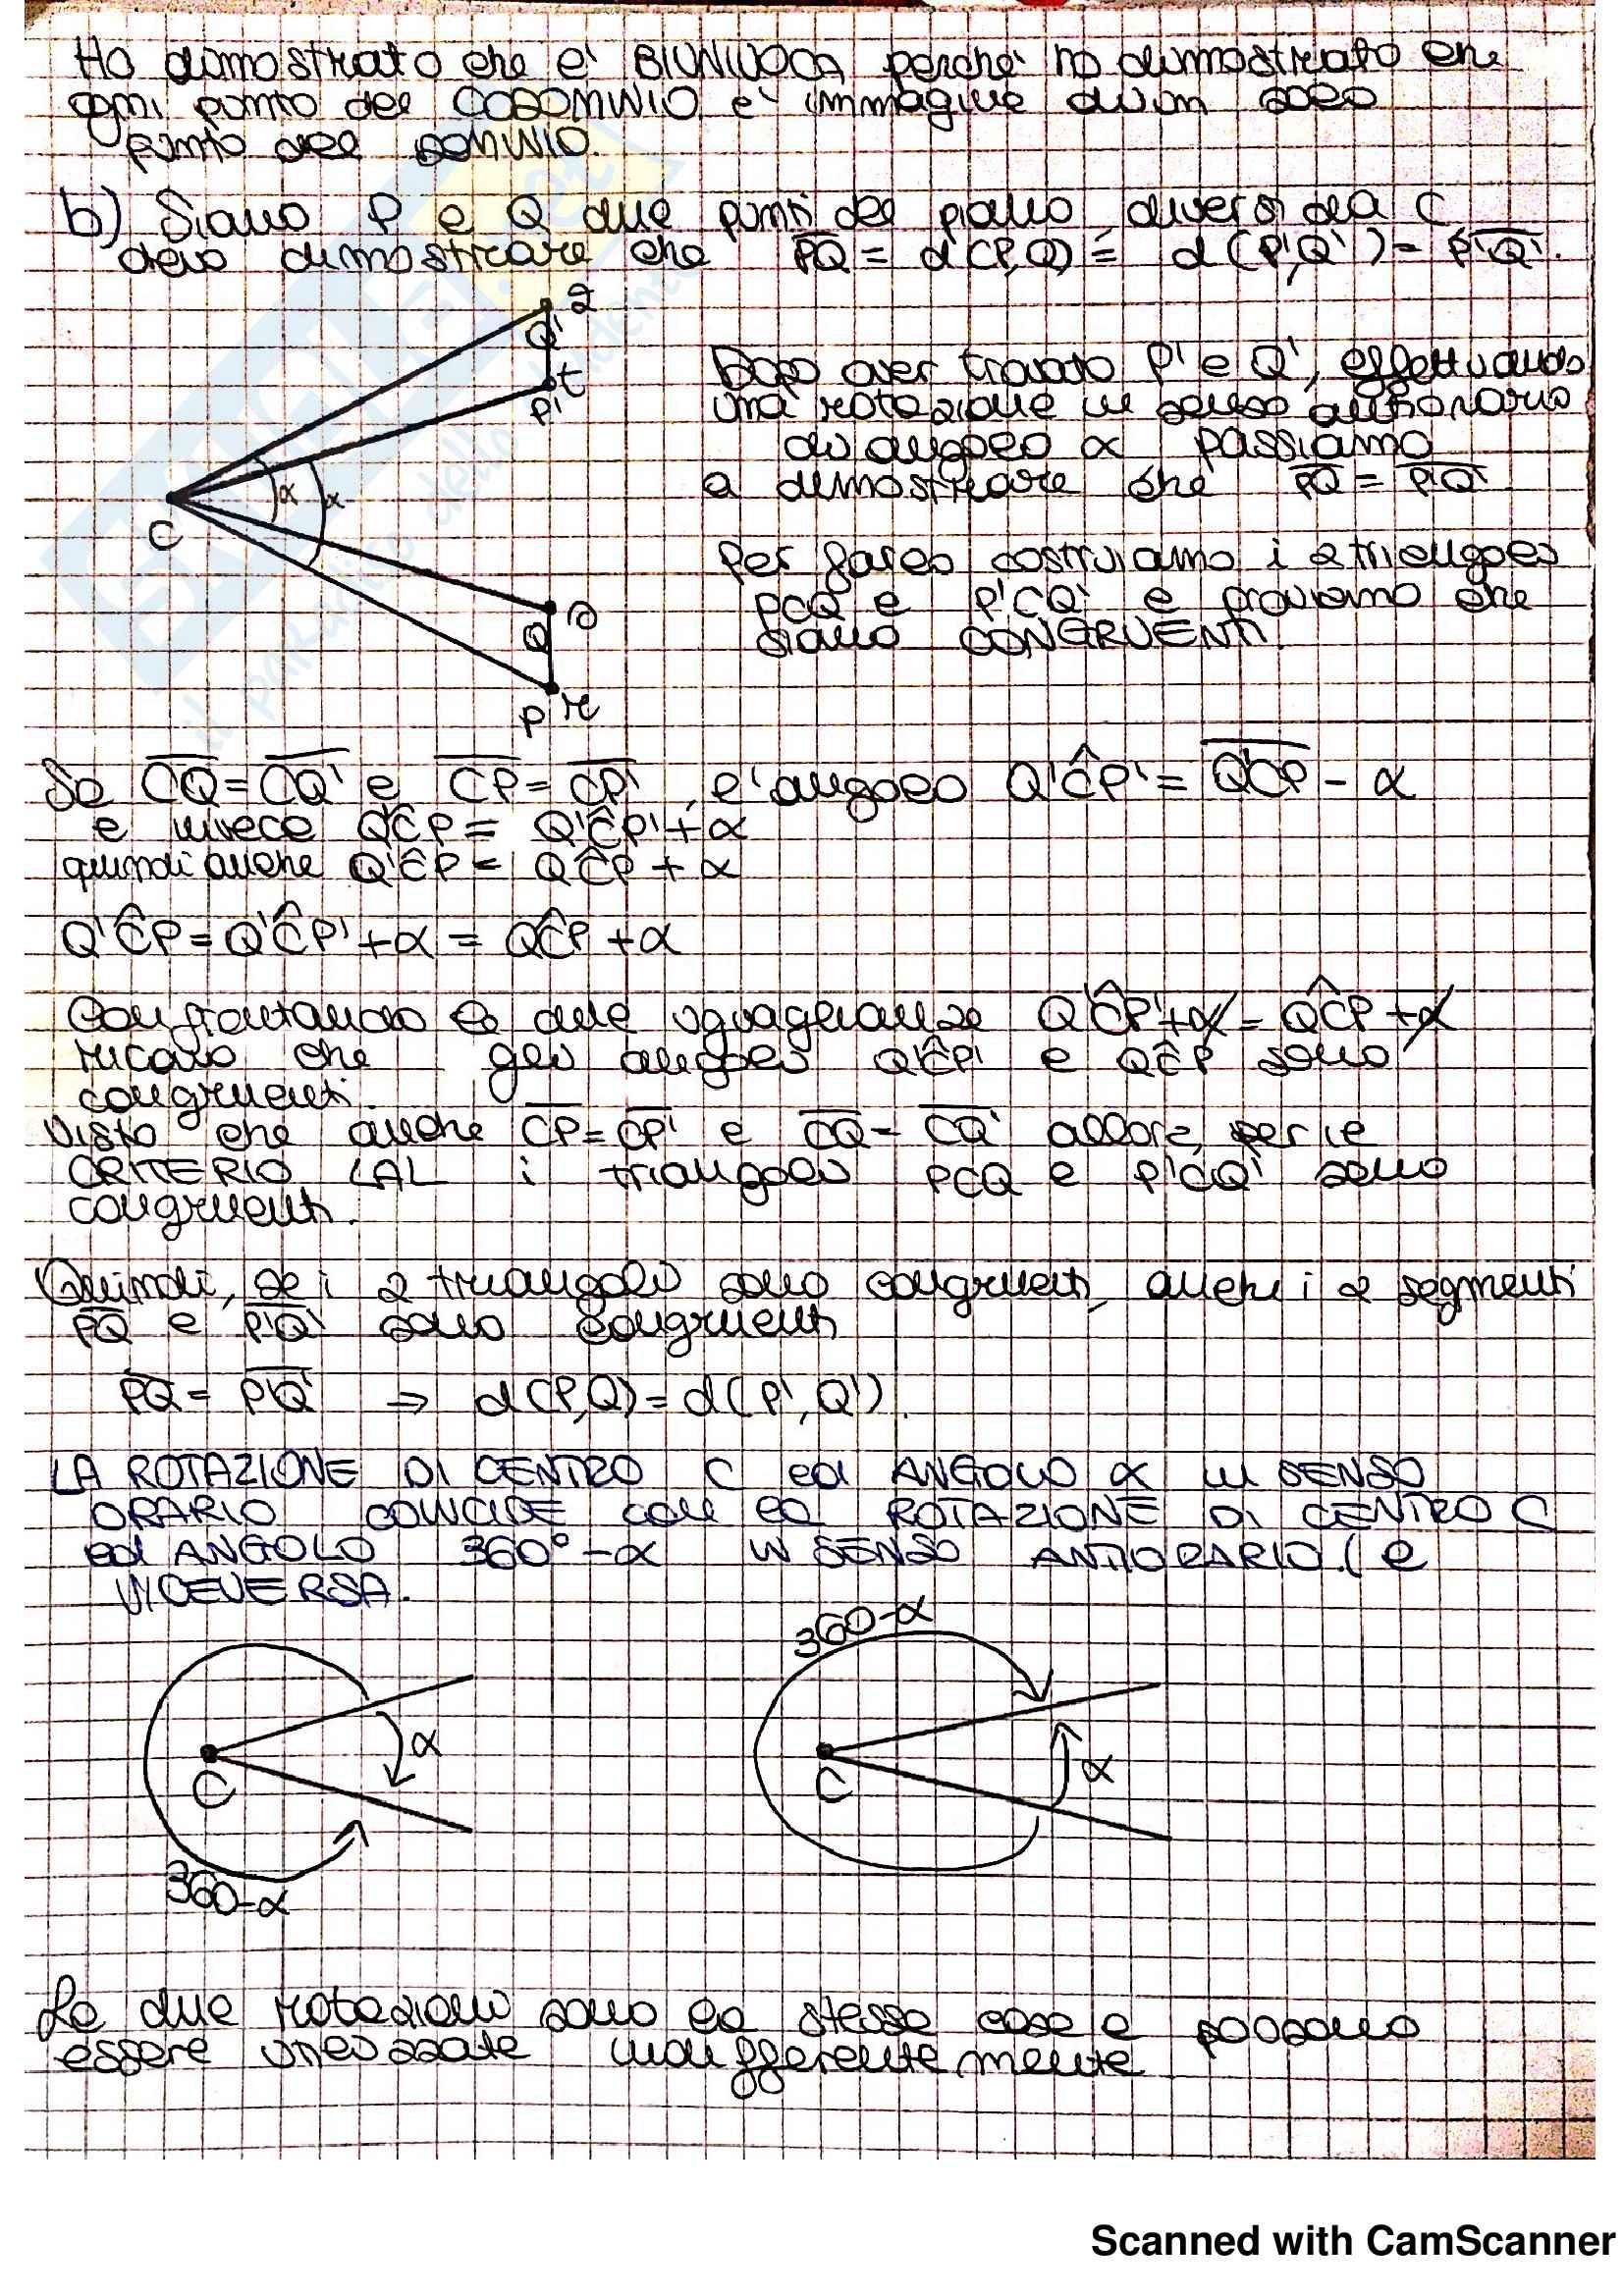 Appunti ed Esercizi Matematica per la formazione di base (II): Trasformazioni geometriche (isometrie), Simmetrie delle figure piane Pag. 6